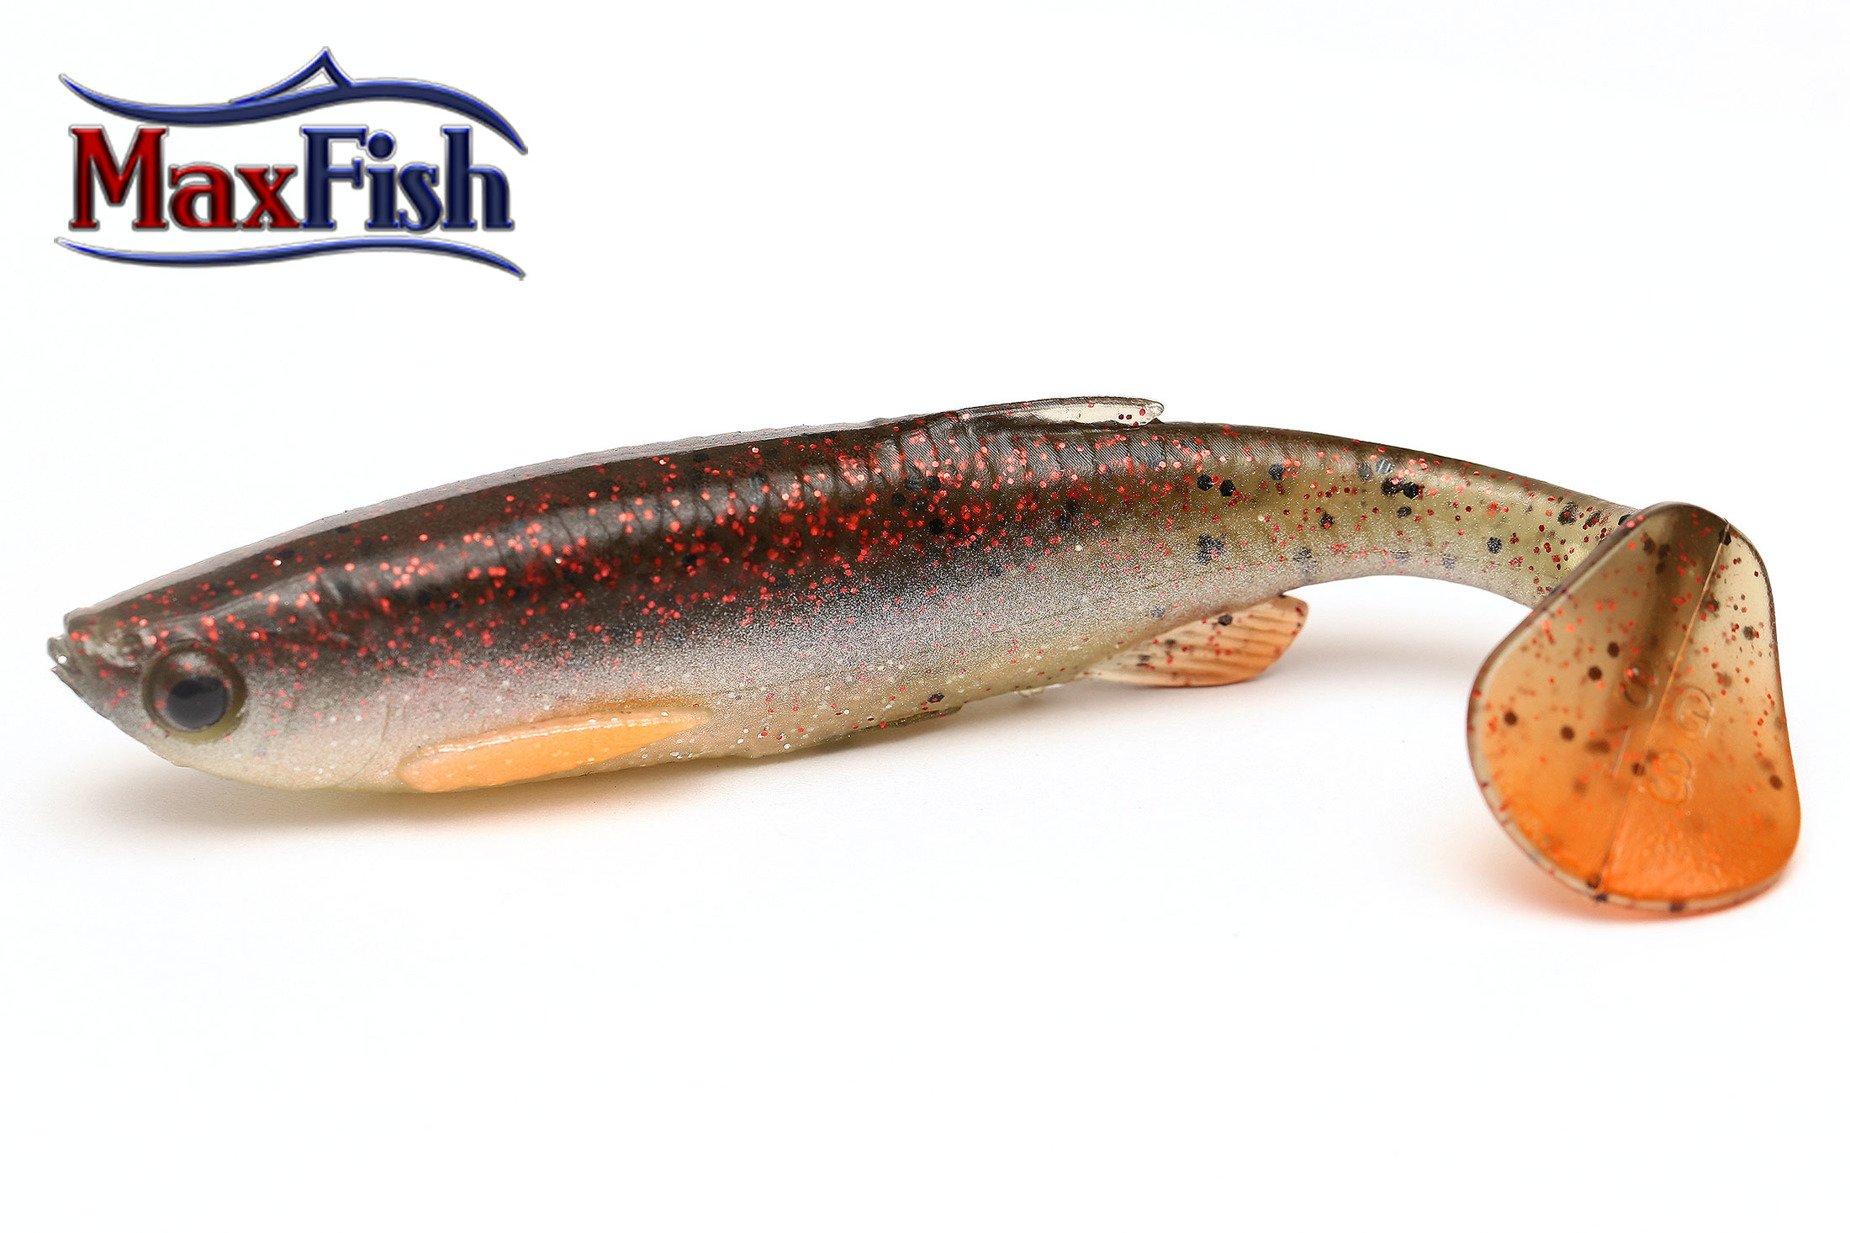 Savage Gear Fat-tail Minnow - Green Pearl Silver 7.5cm 5g